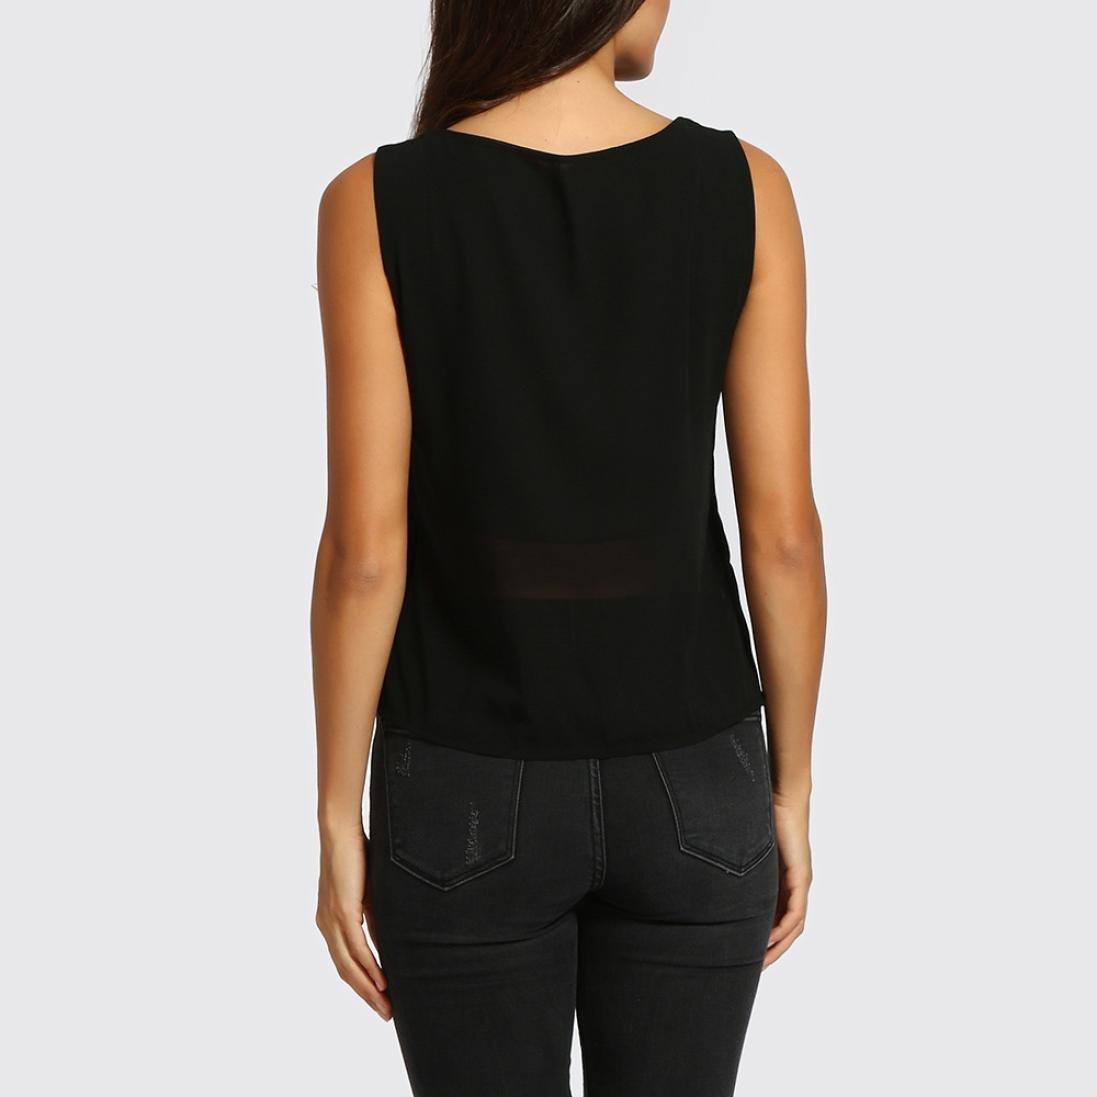 ... Corta con Cuello Redondo, Color pure Talla S-XL sin hombro Top de encaje cosido patchwork blusa Elegante y Moda verstidos mujer: Amazon.es: Belleza